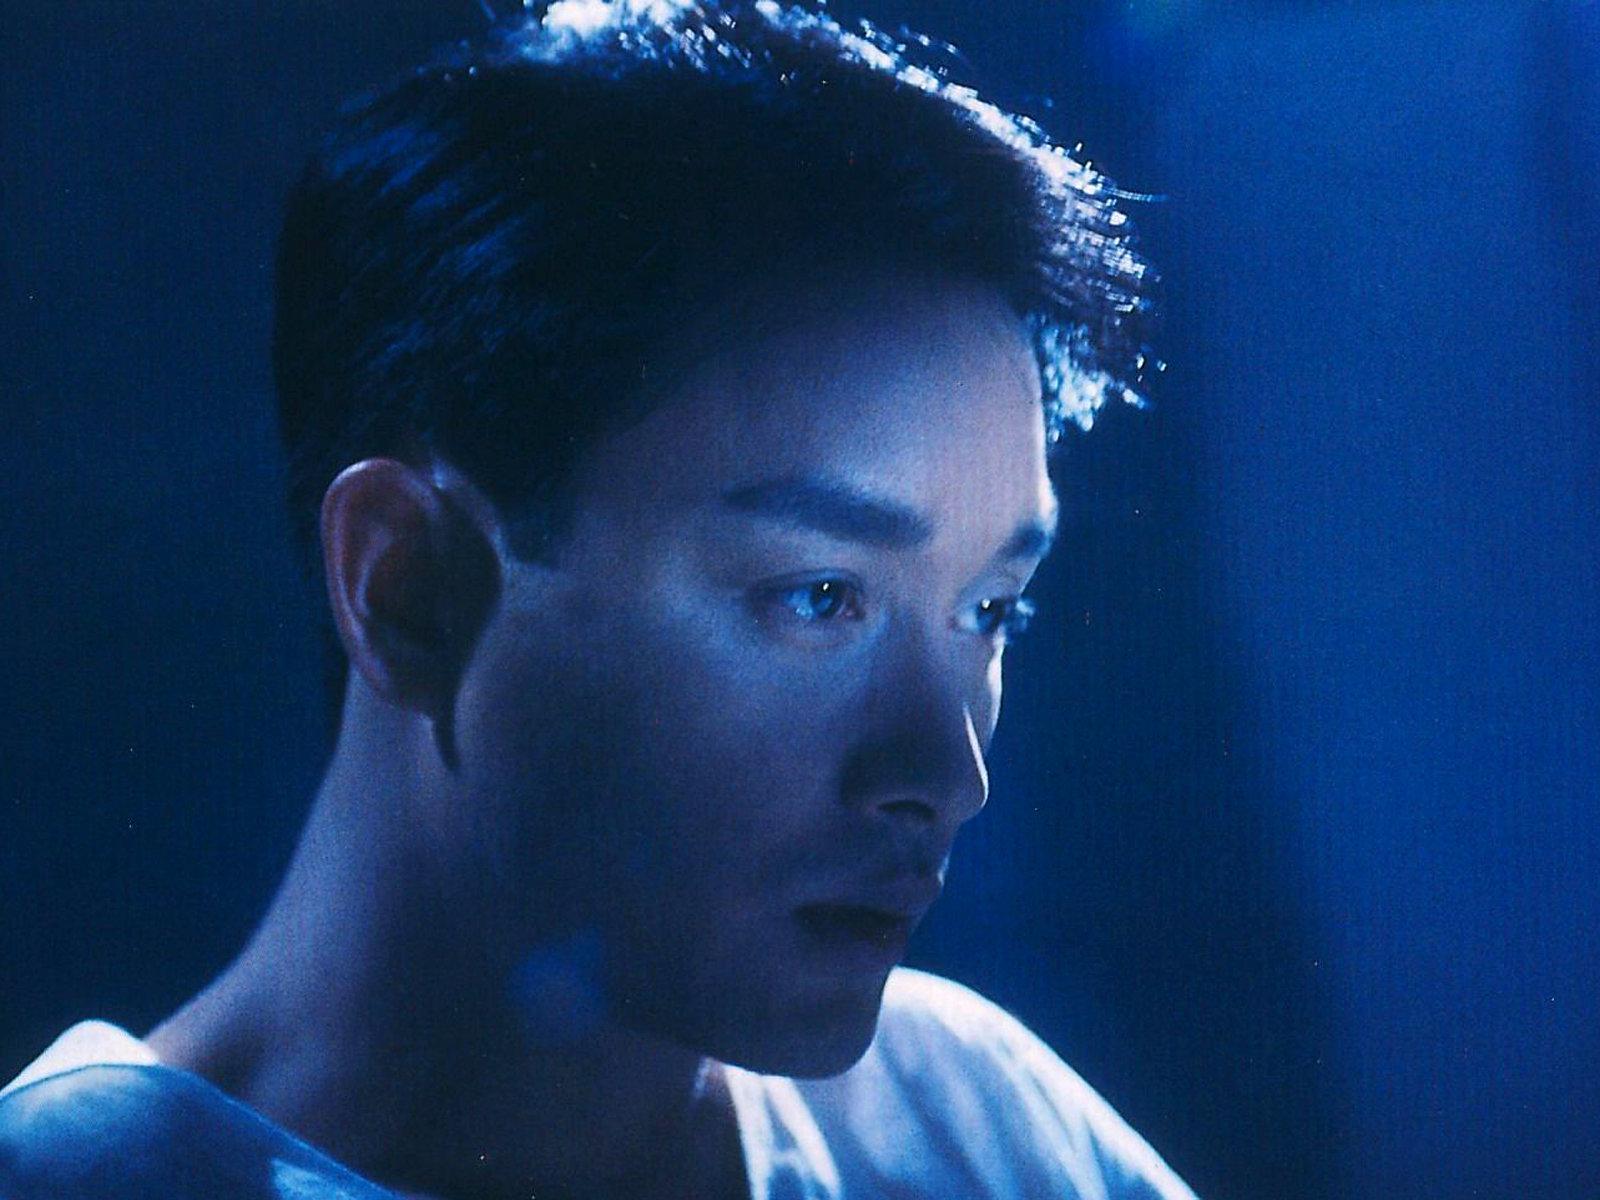 Hé lộ nguyên nhân khiến báo giới 16 năm trước không chụp được dù chỉ một bức ảnh của Trương Quốc Vinh khi tự vẫn - Ảnh 1